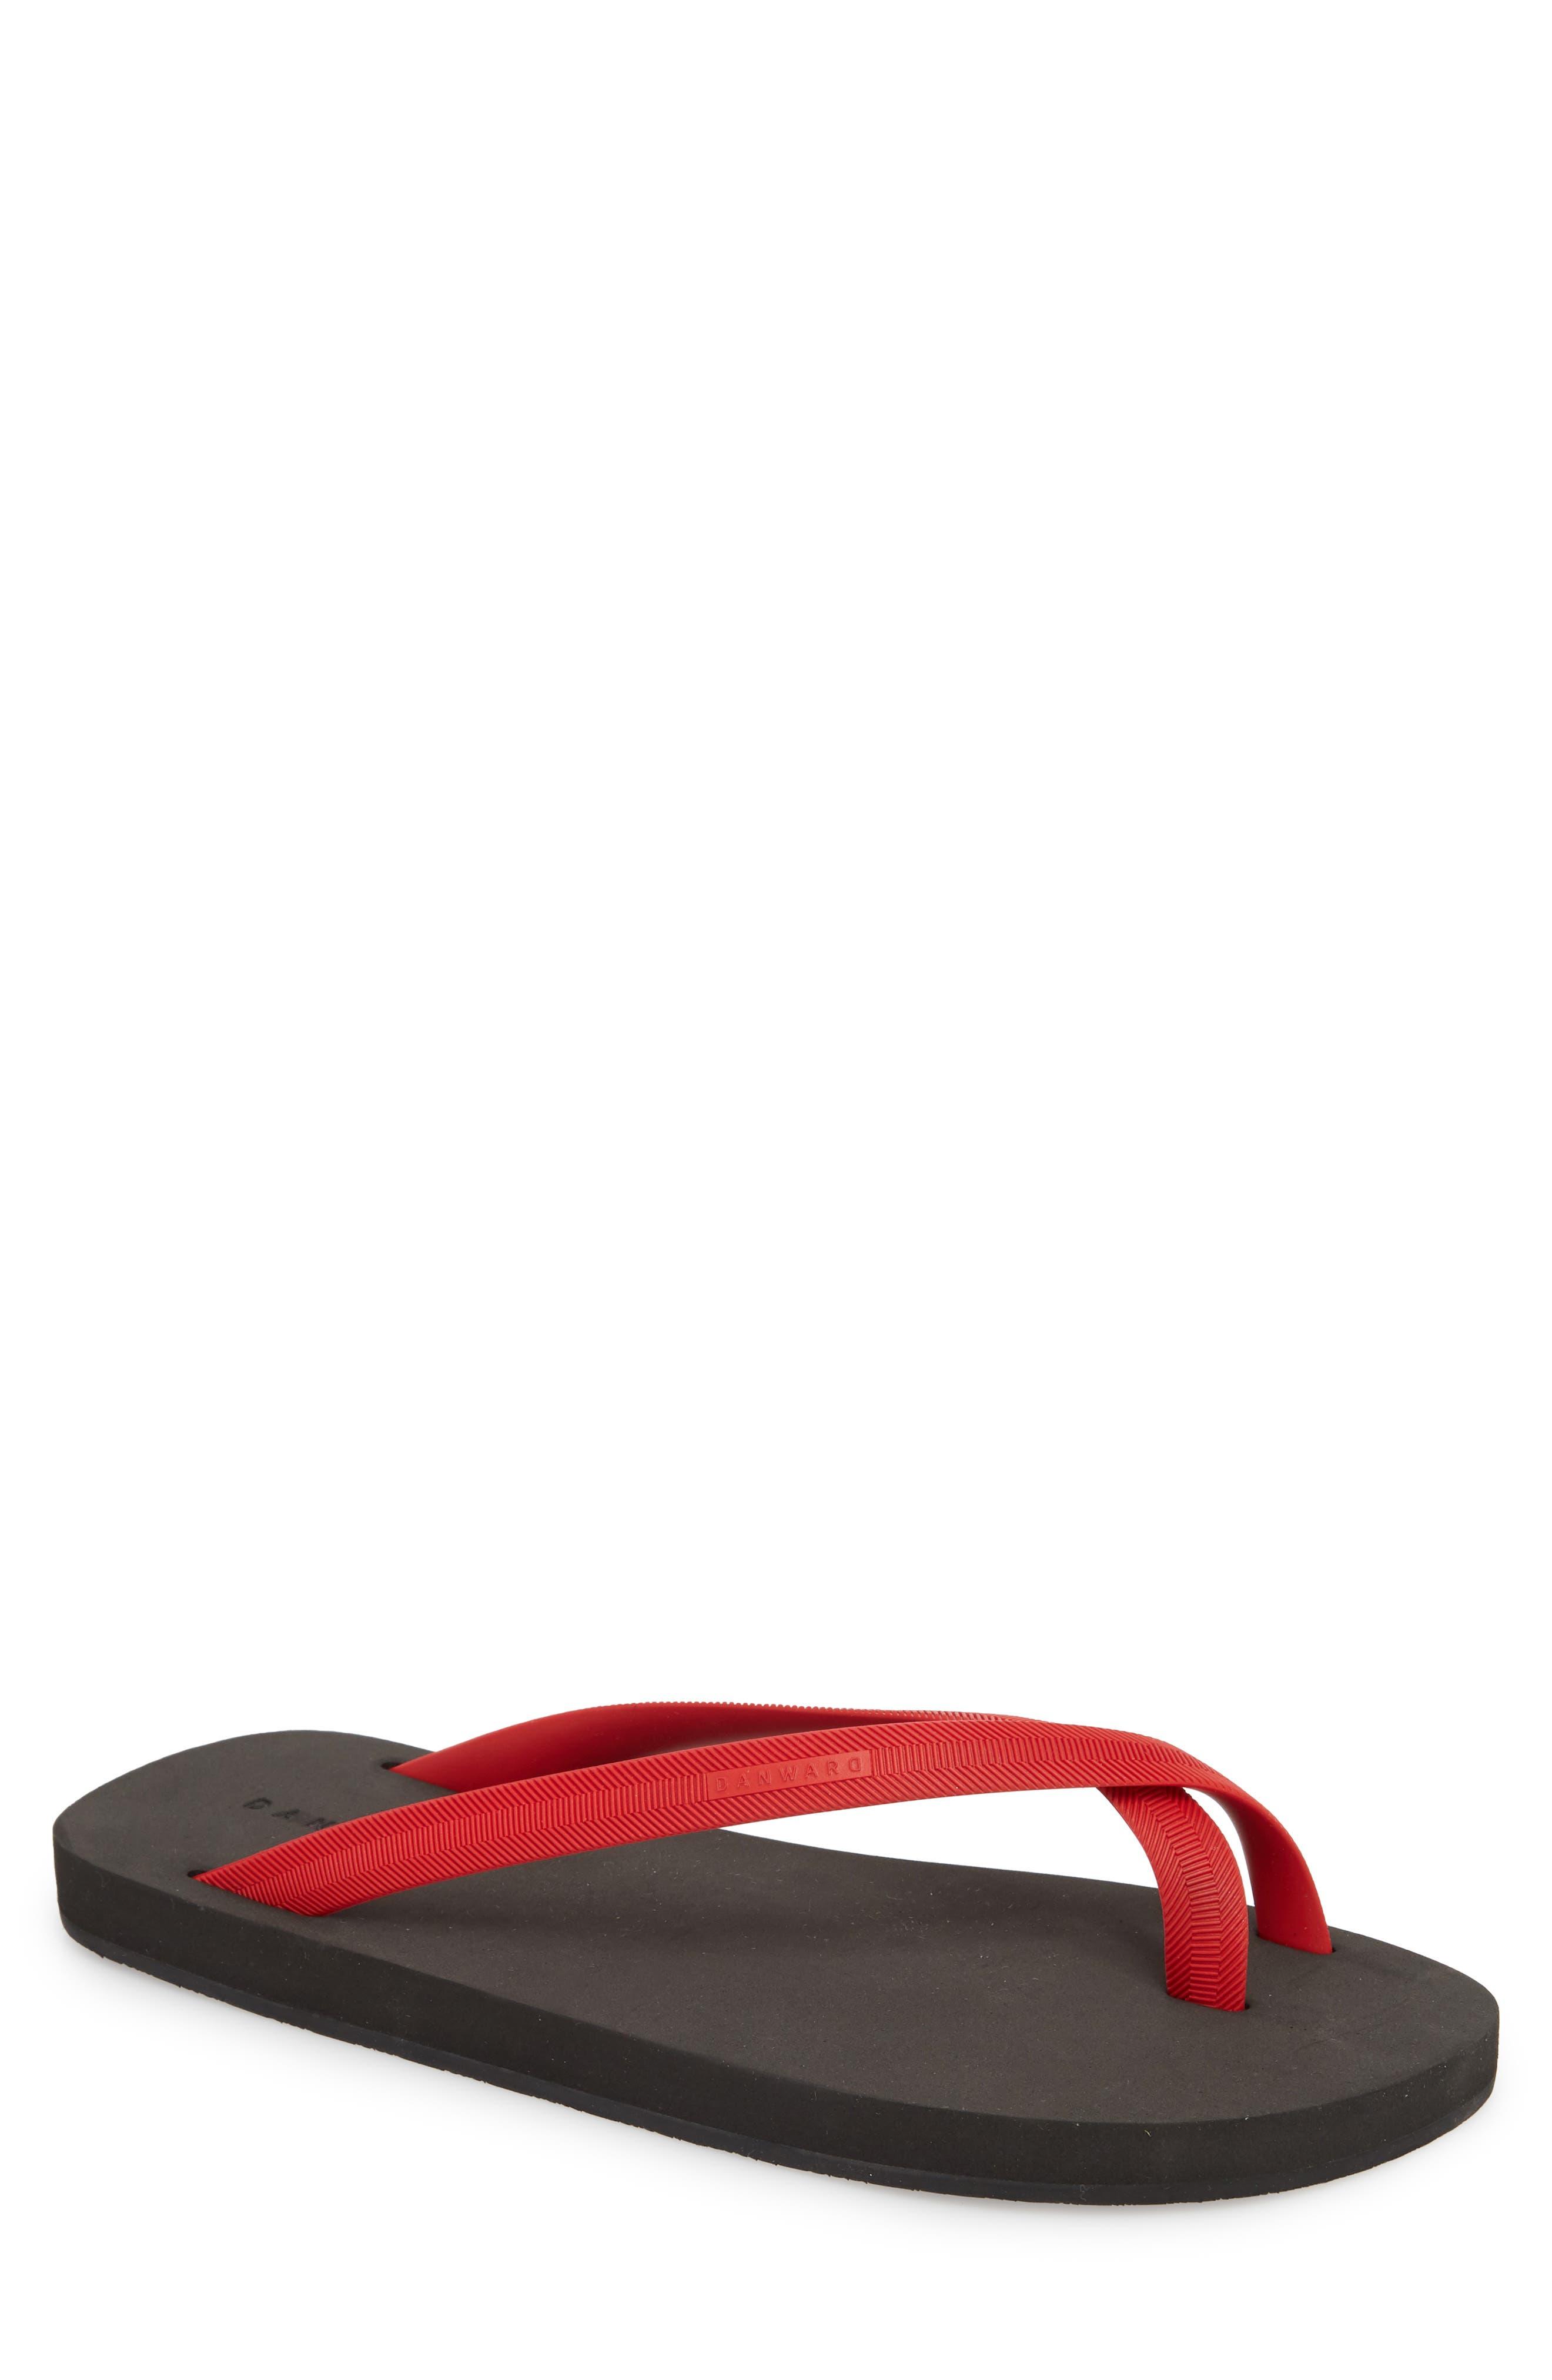 DANWARD Cross Toe Flip Flop (Men)